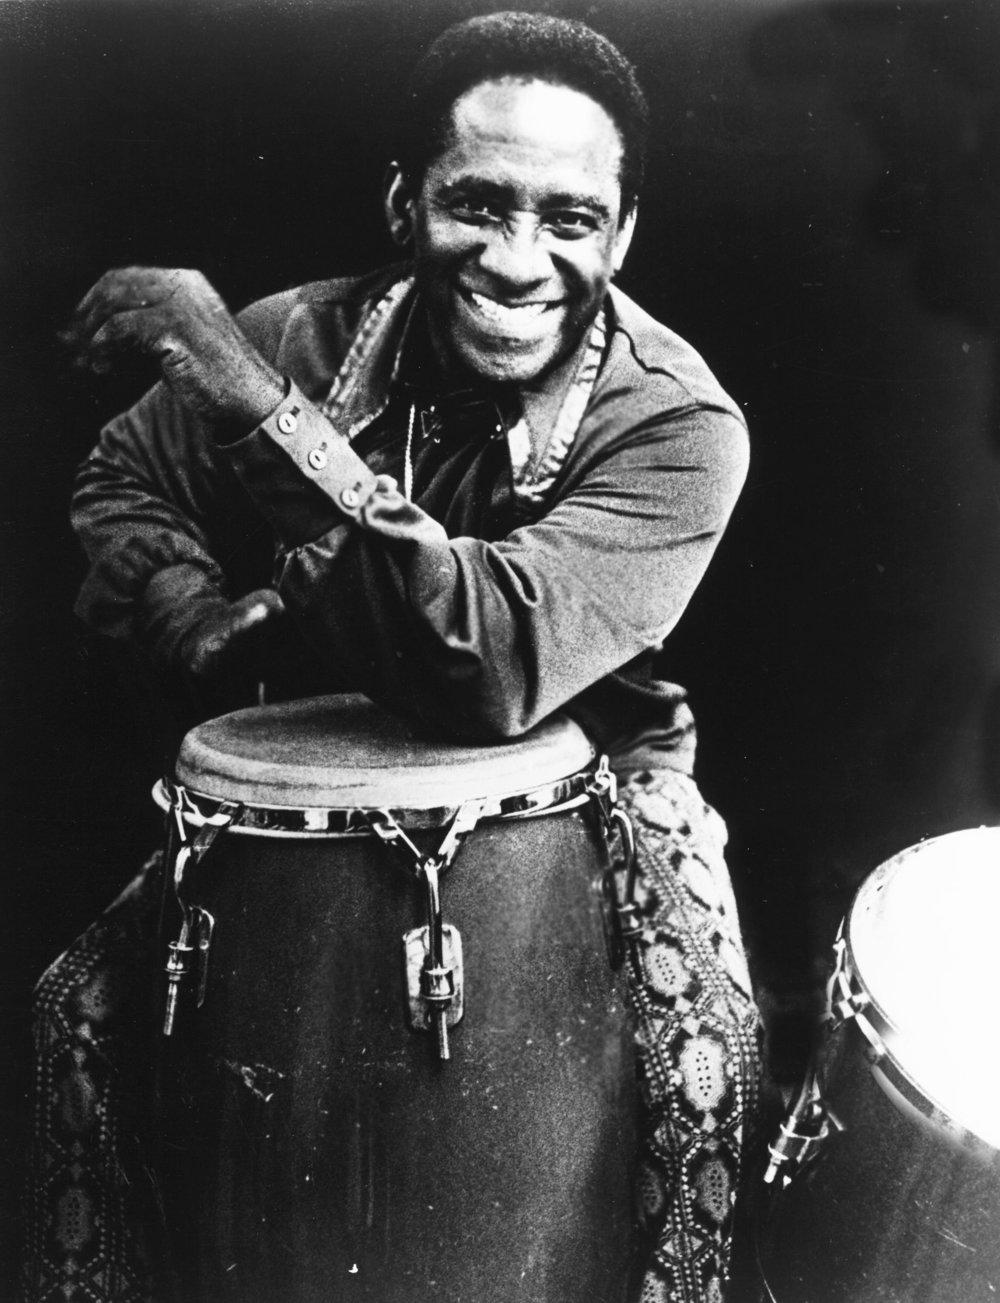 Percussionist Mongo Santamaria